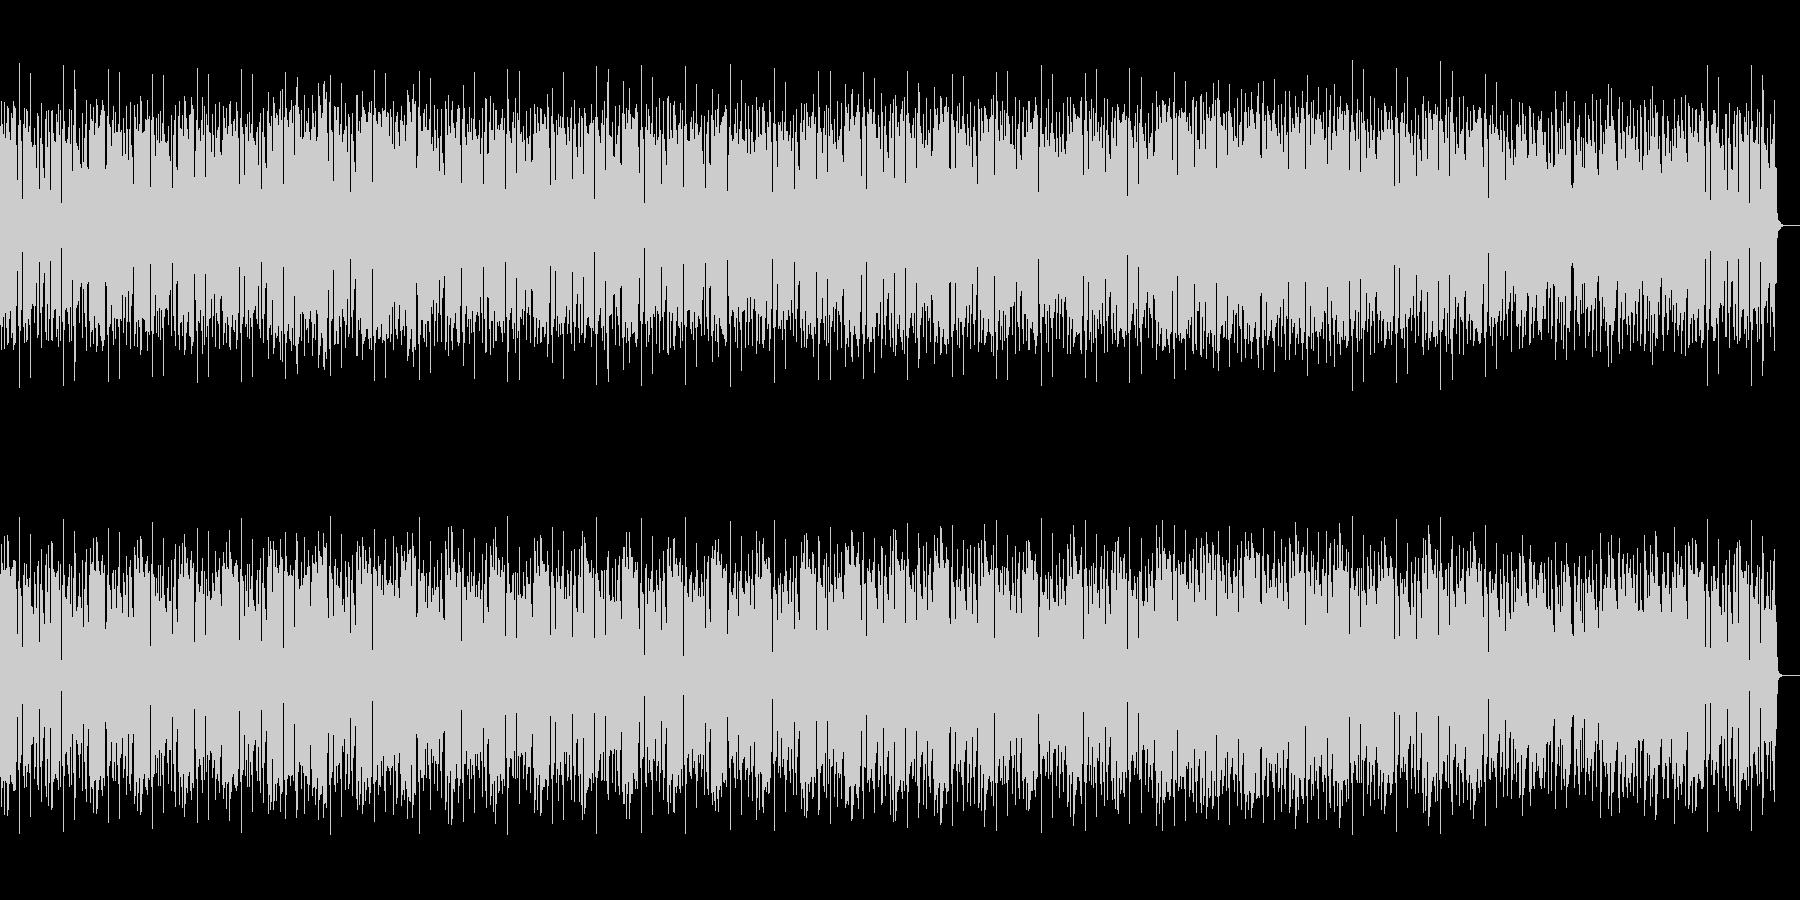 奇妙で幻想的なヒップホップの未再生の波形